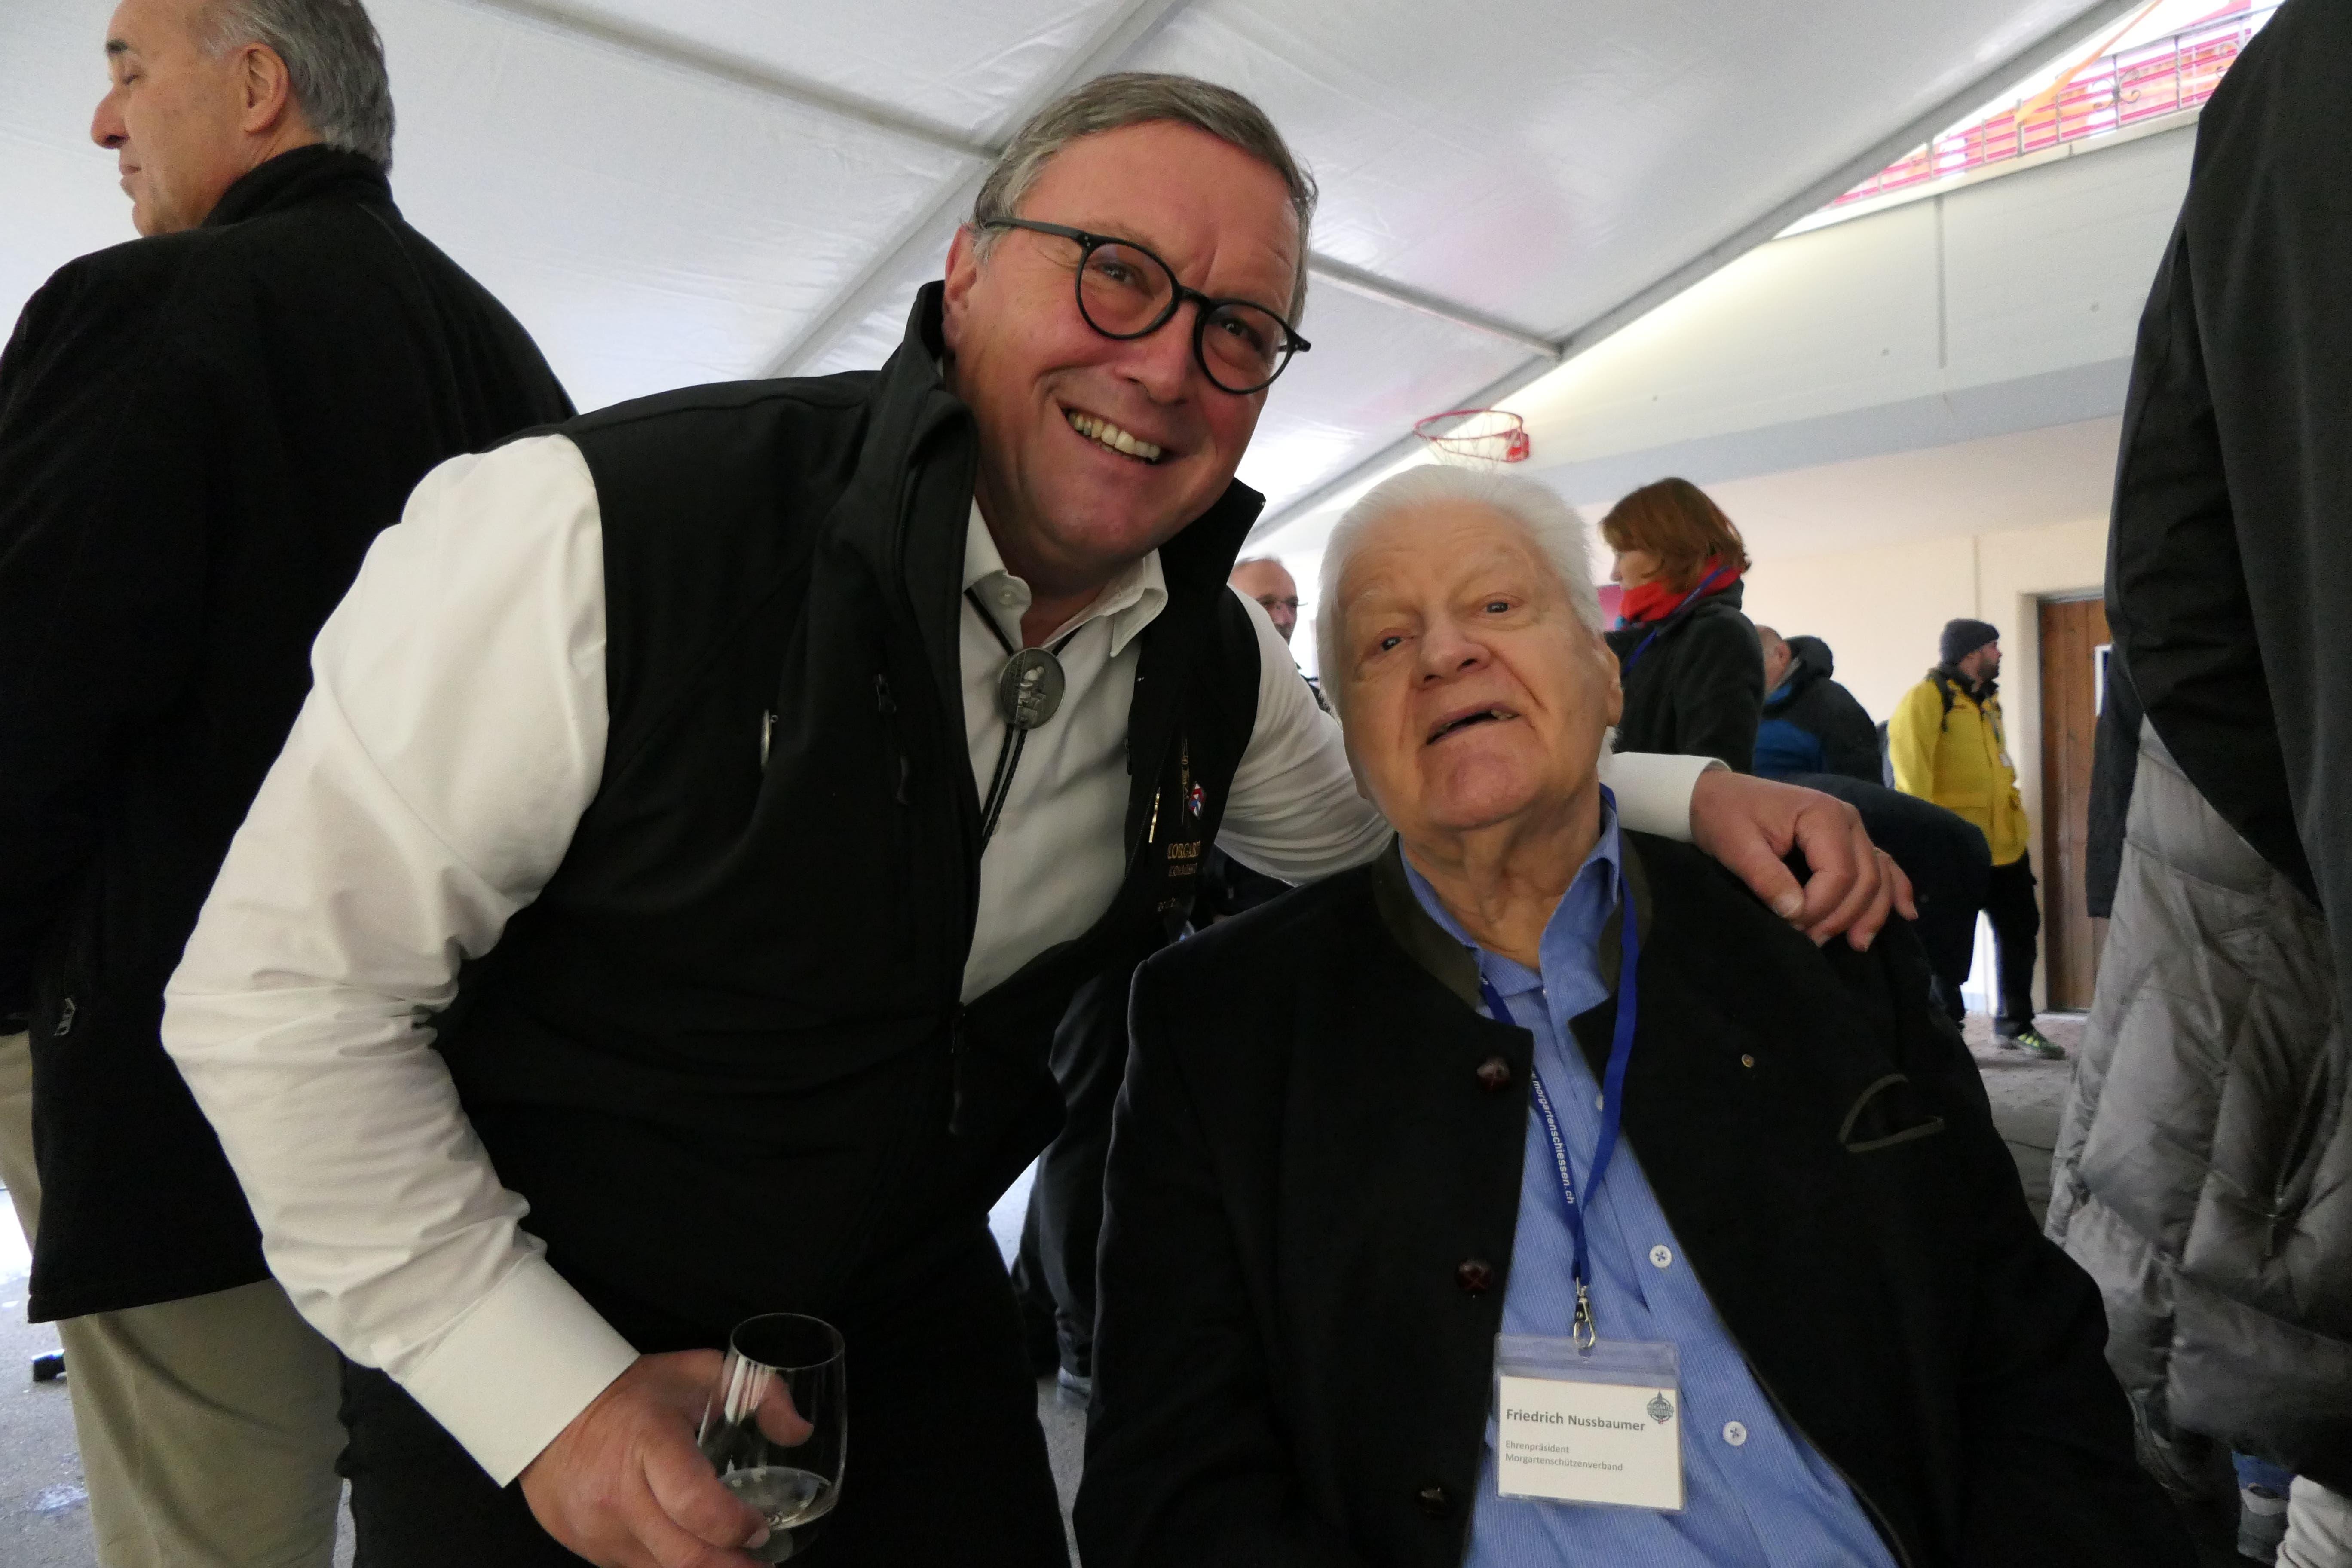 Urs Hürlimann, Präsident der Morgarten-Kommission, und sein Vorgänger, Ehrenpräsident Friedrich Nussbaumer. (Bild: Rahel Hug, Morgarten, 15. November 2019)